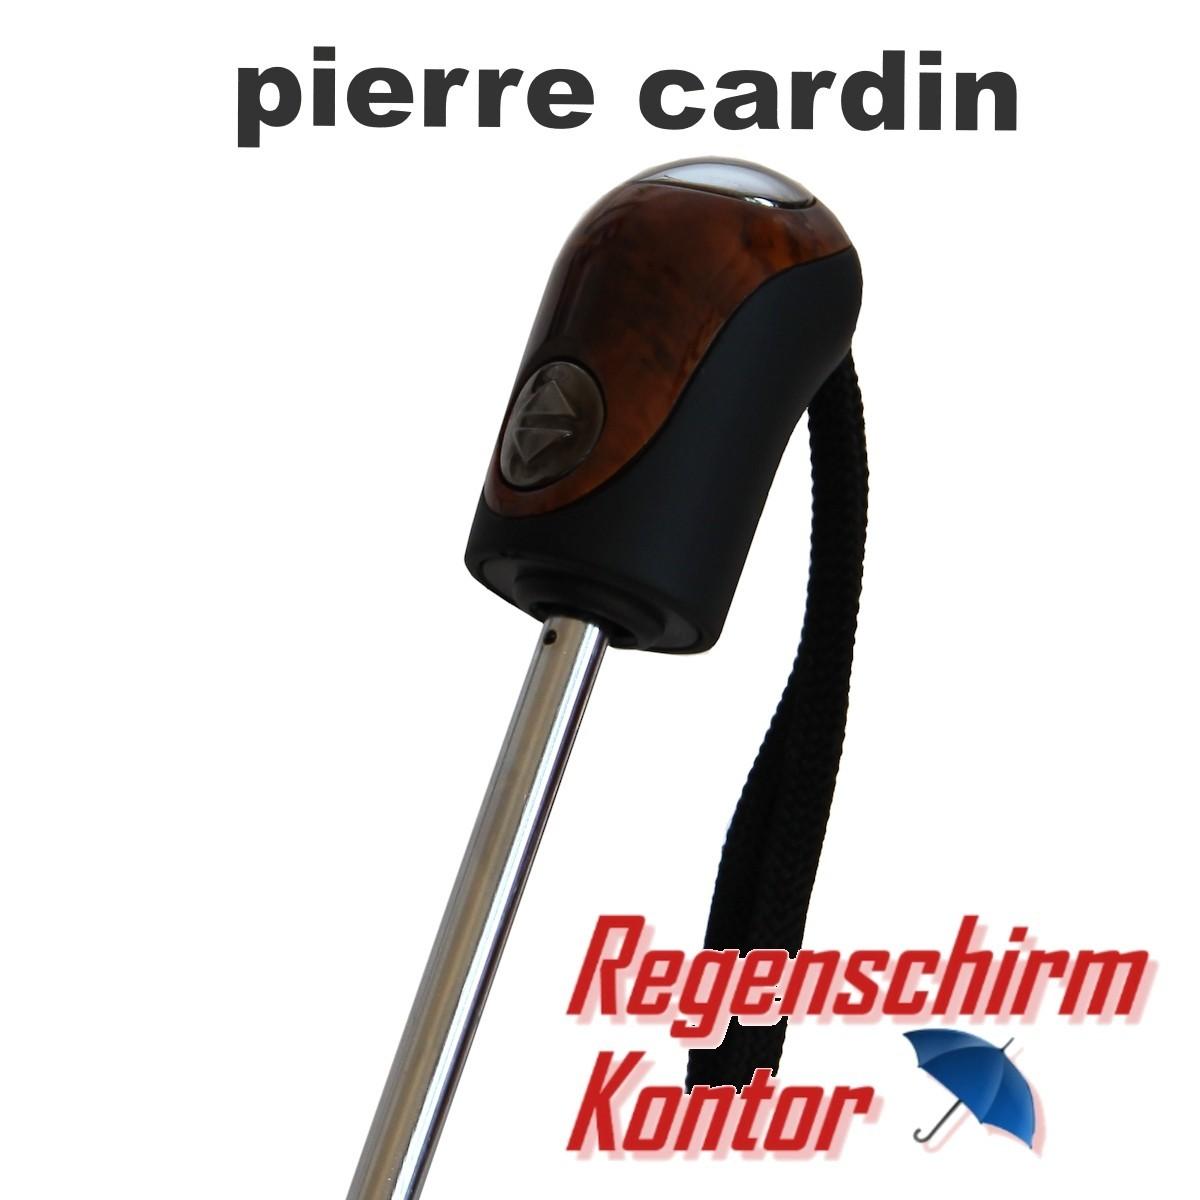 Taschenschirm Noir Easymatic Pierre Cardin